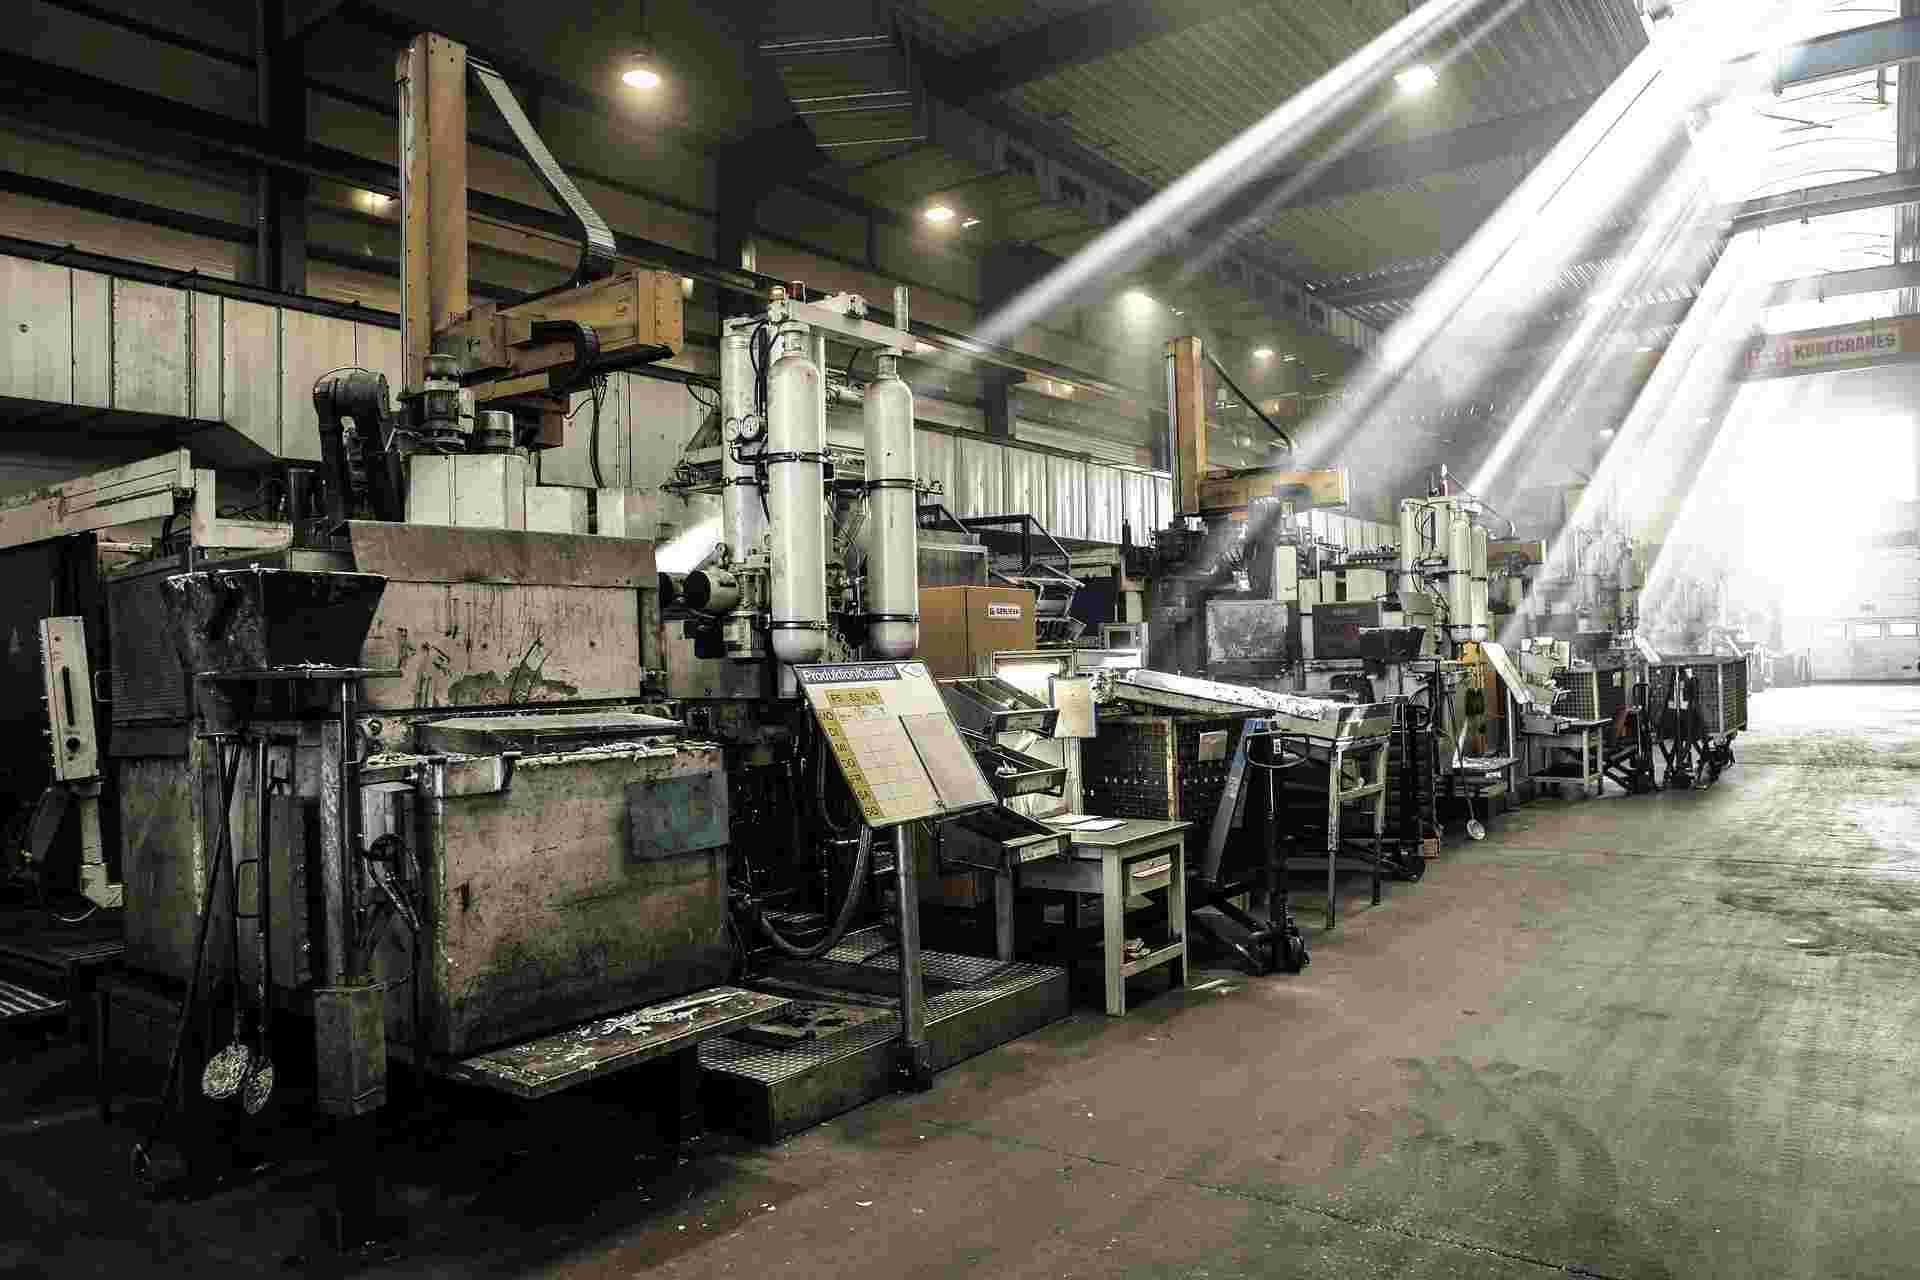 Déménagement industriel